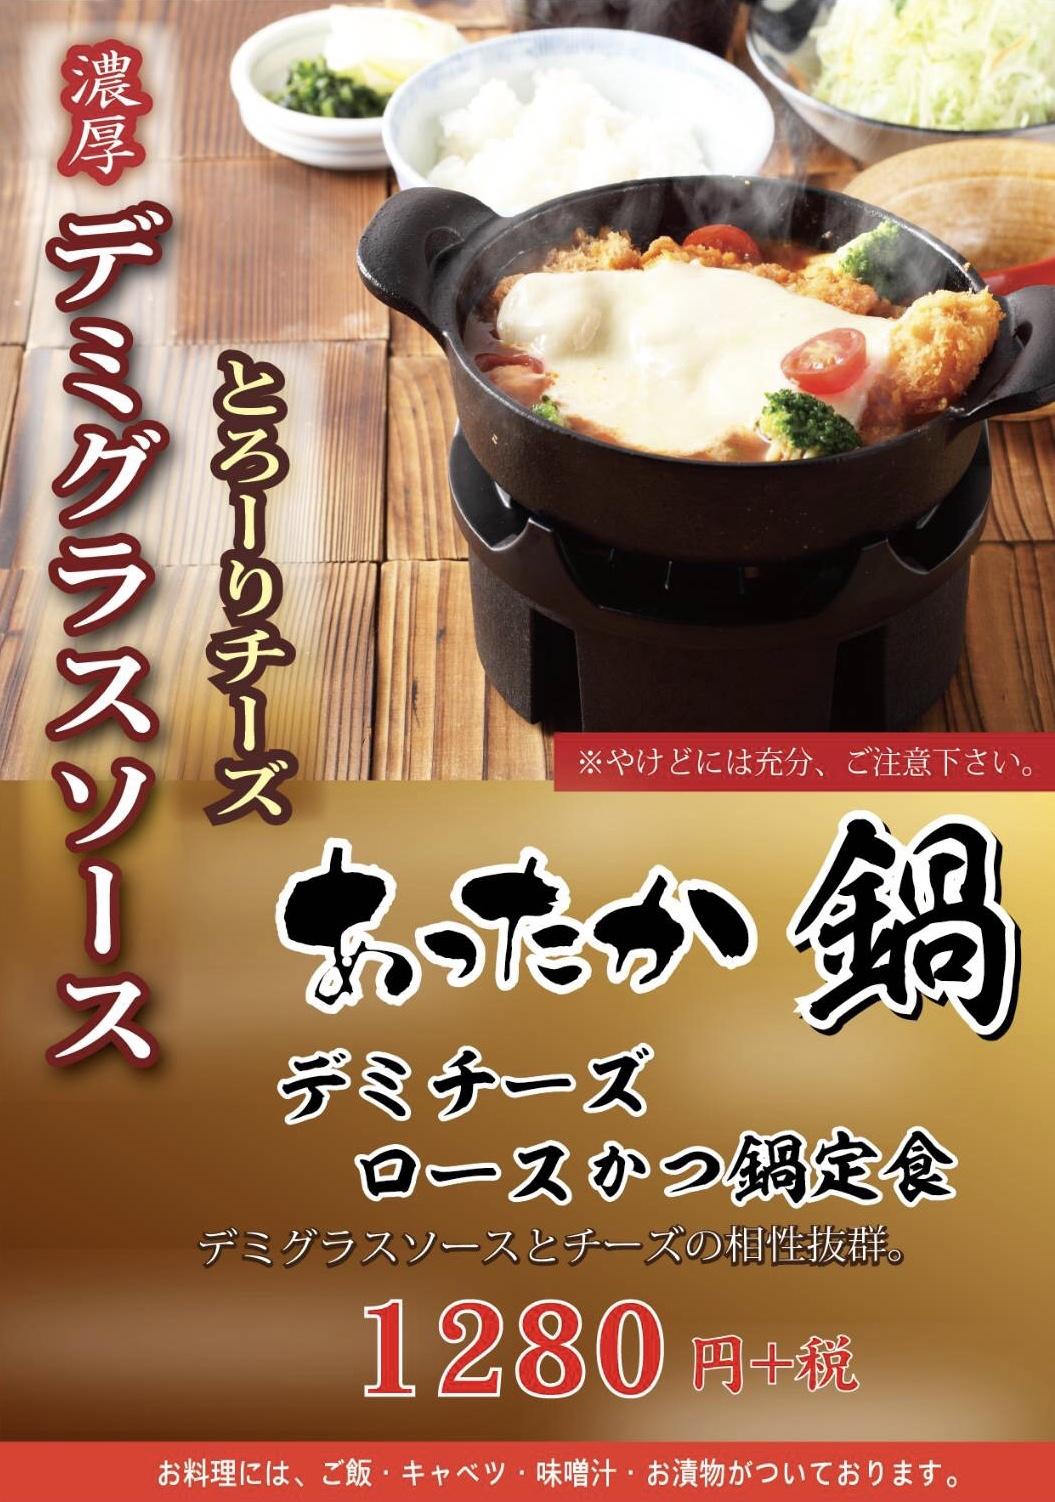 デミチーズロースかつ鍋.jpg